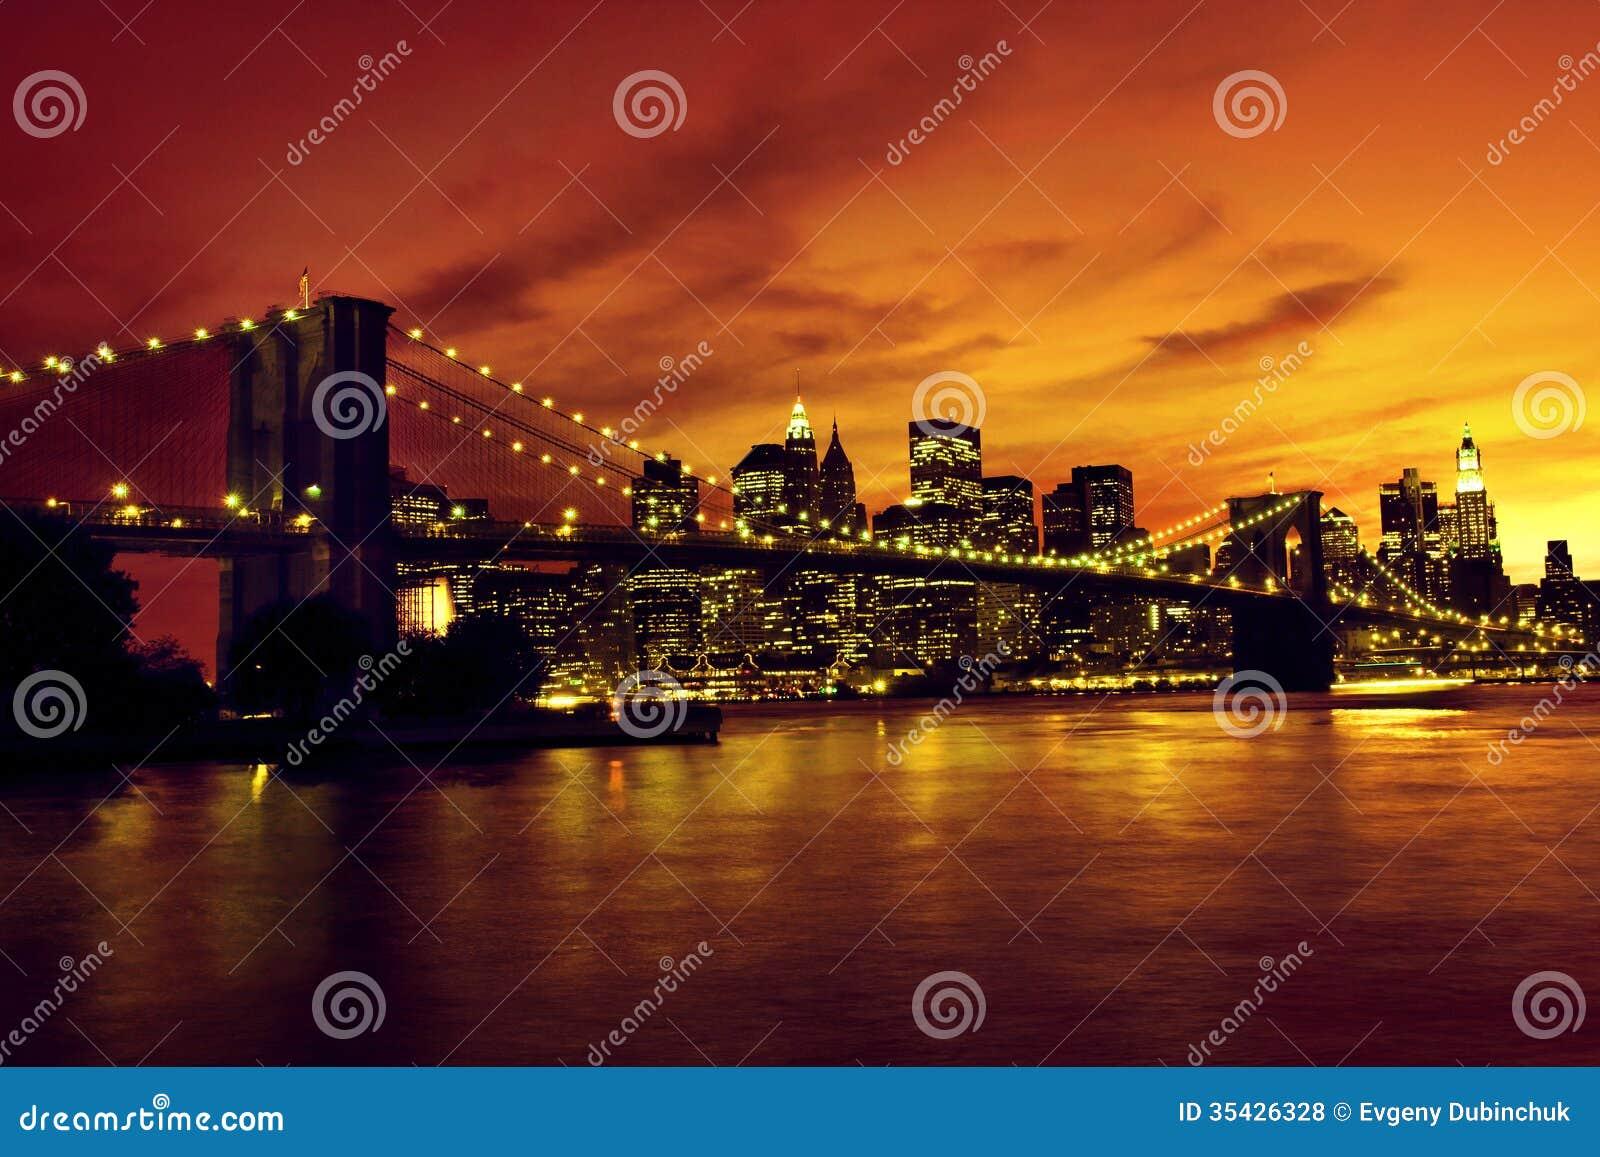 Pont de brooklyn et manhattan au coucher du soleil new - Coucher du soleil new york ...